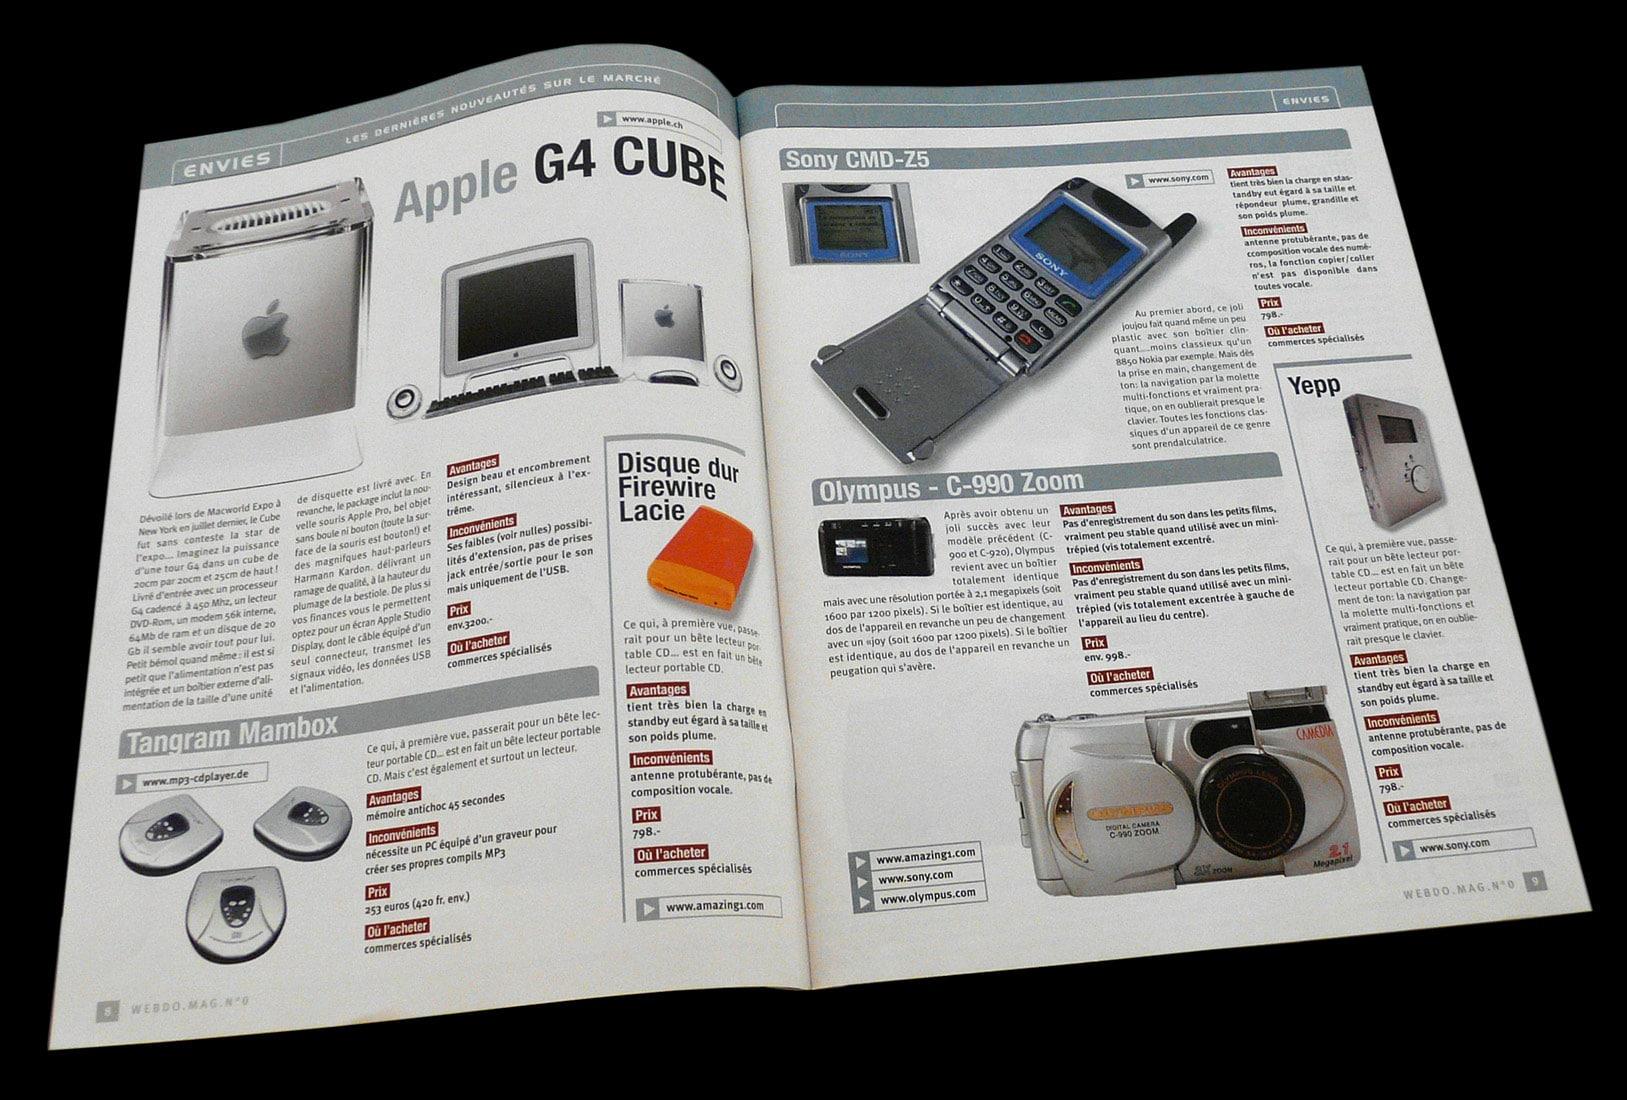 Magazine Webdomag - Création sur concours du numéro zéro double nouveautés